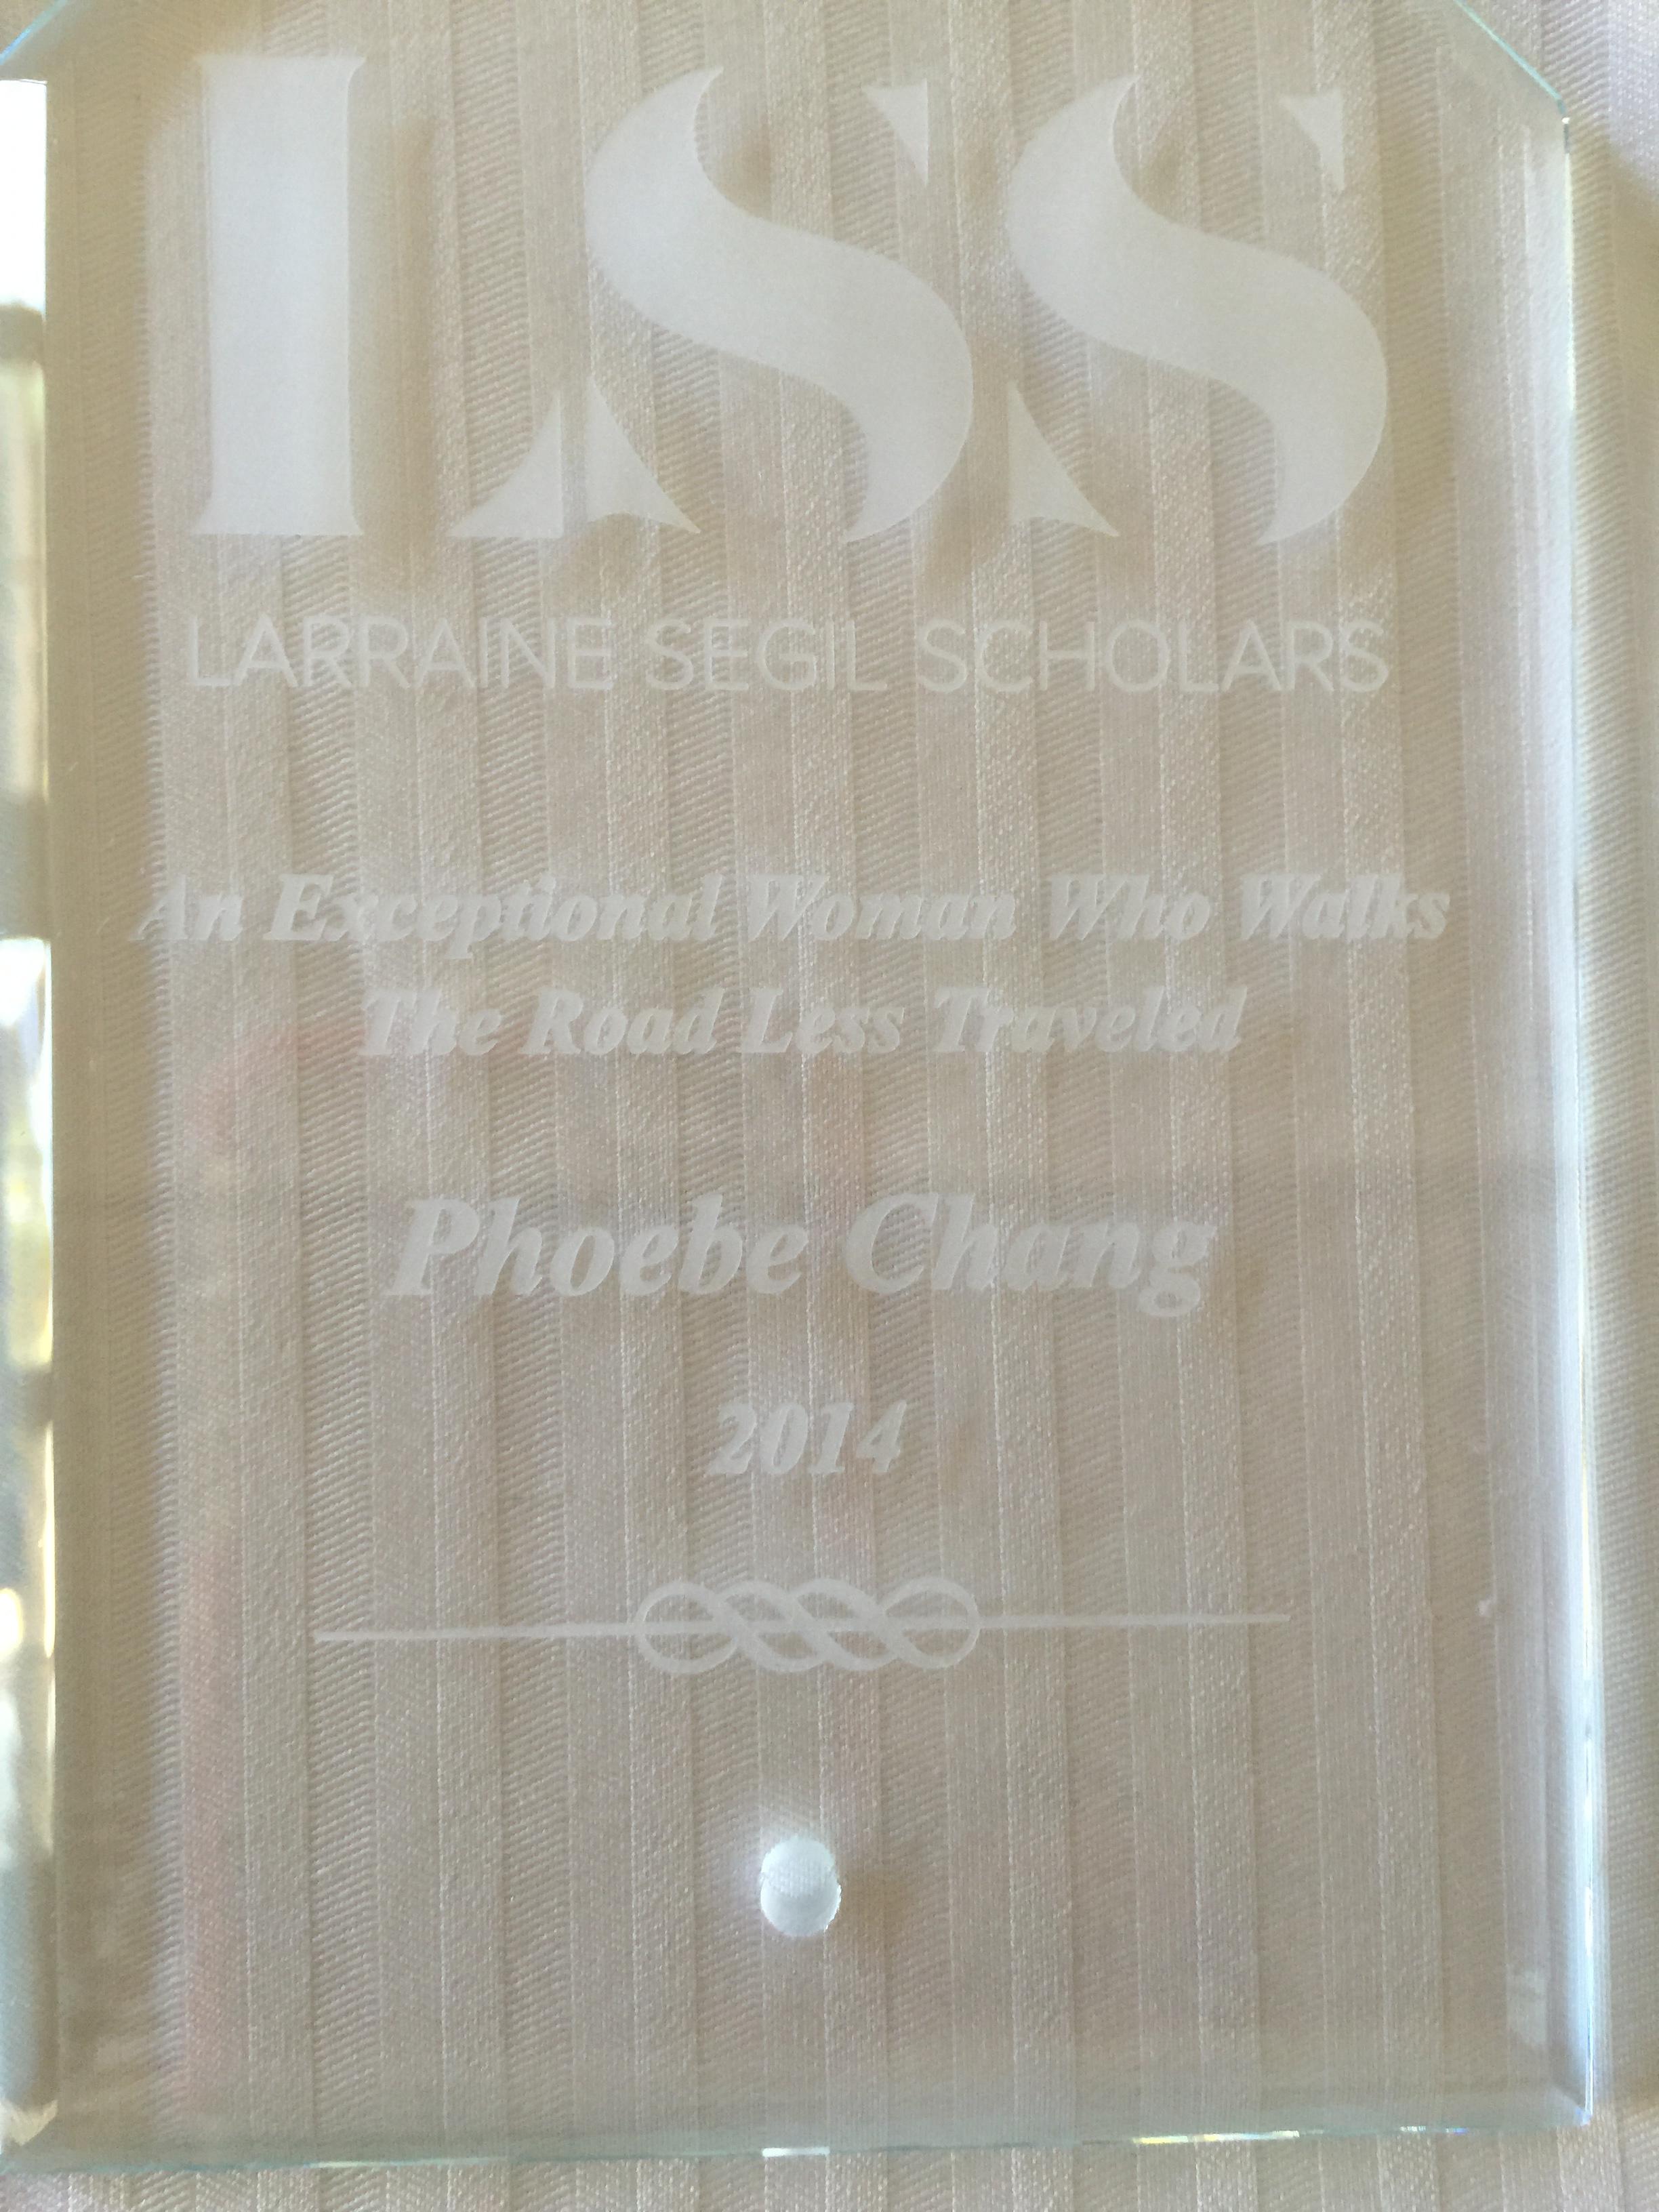 acrylic-lss-award-example-phoebe-chang